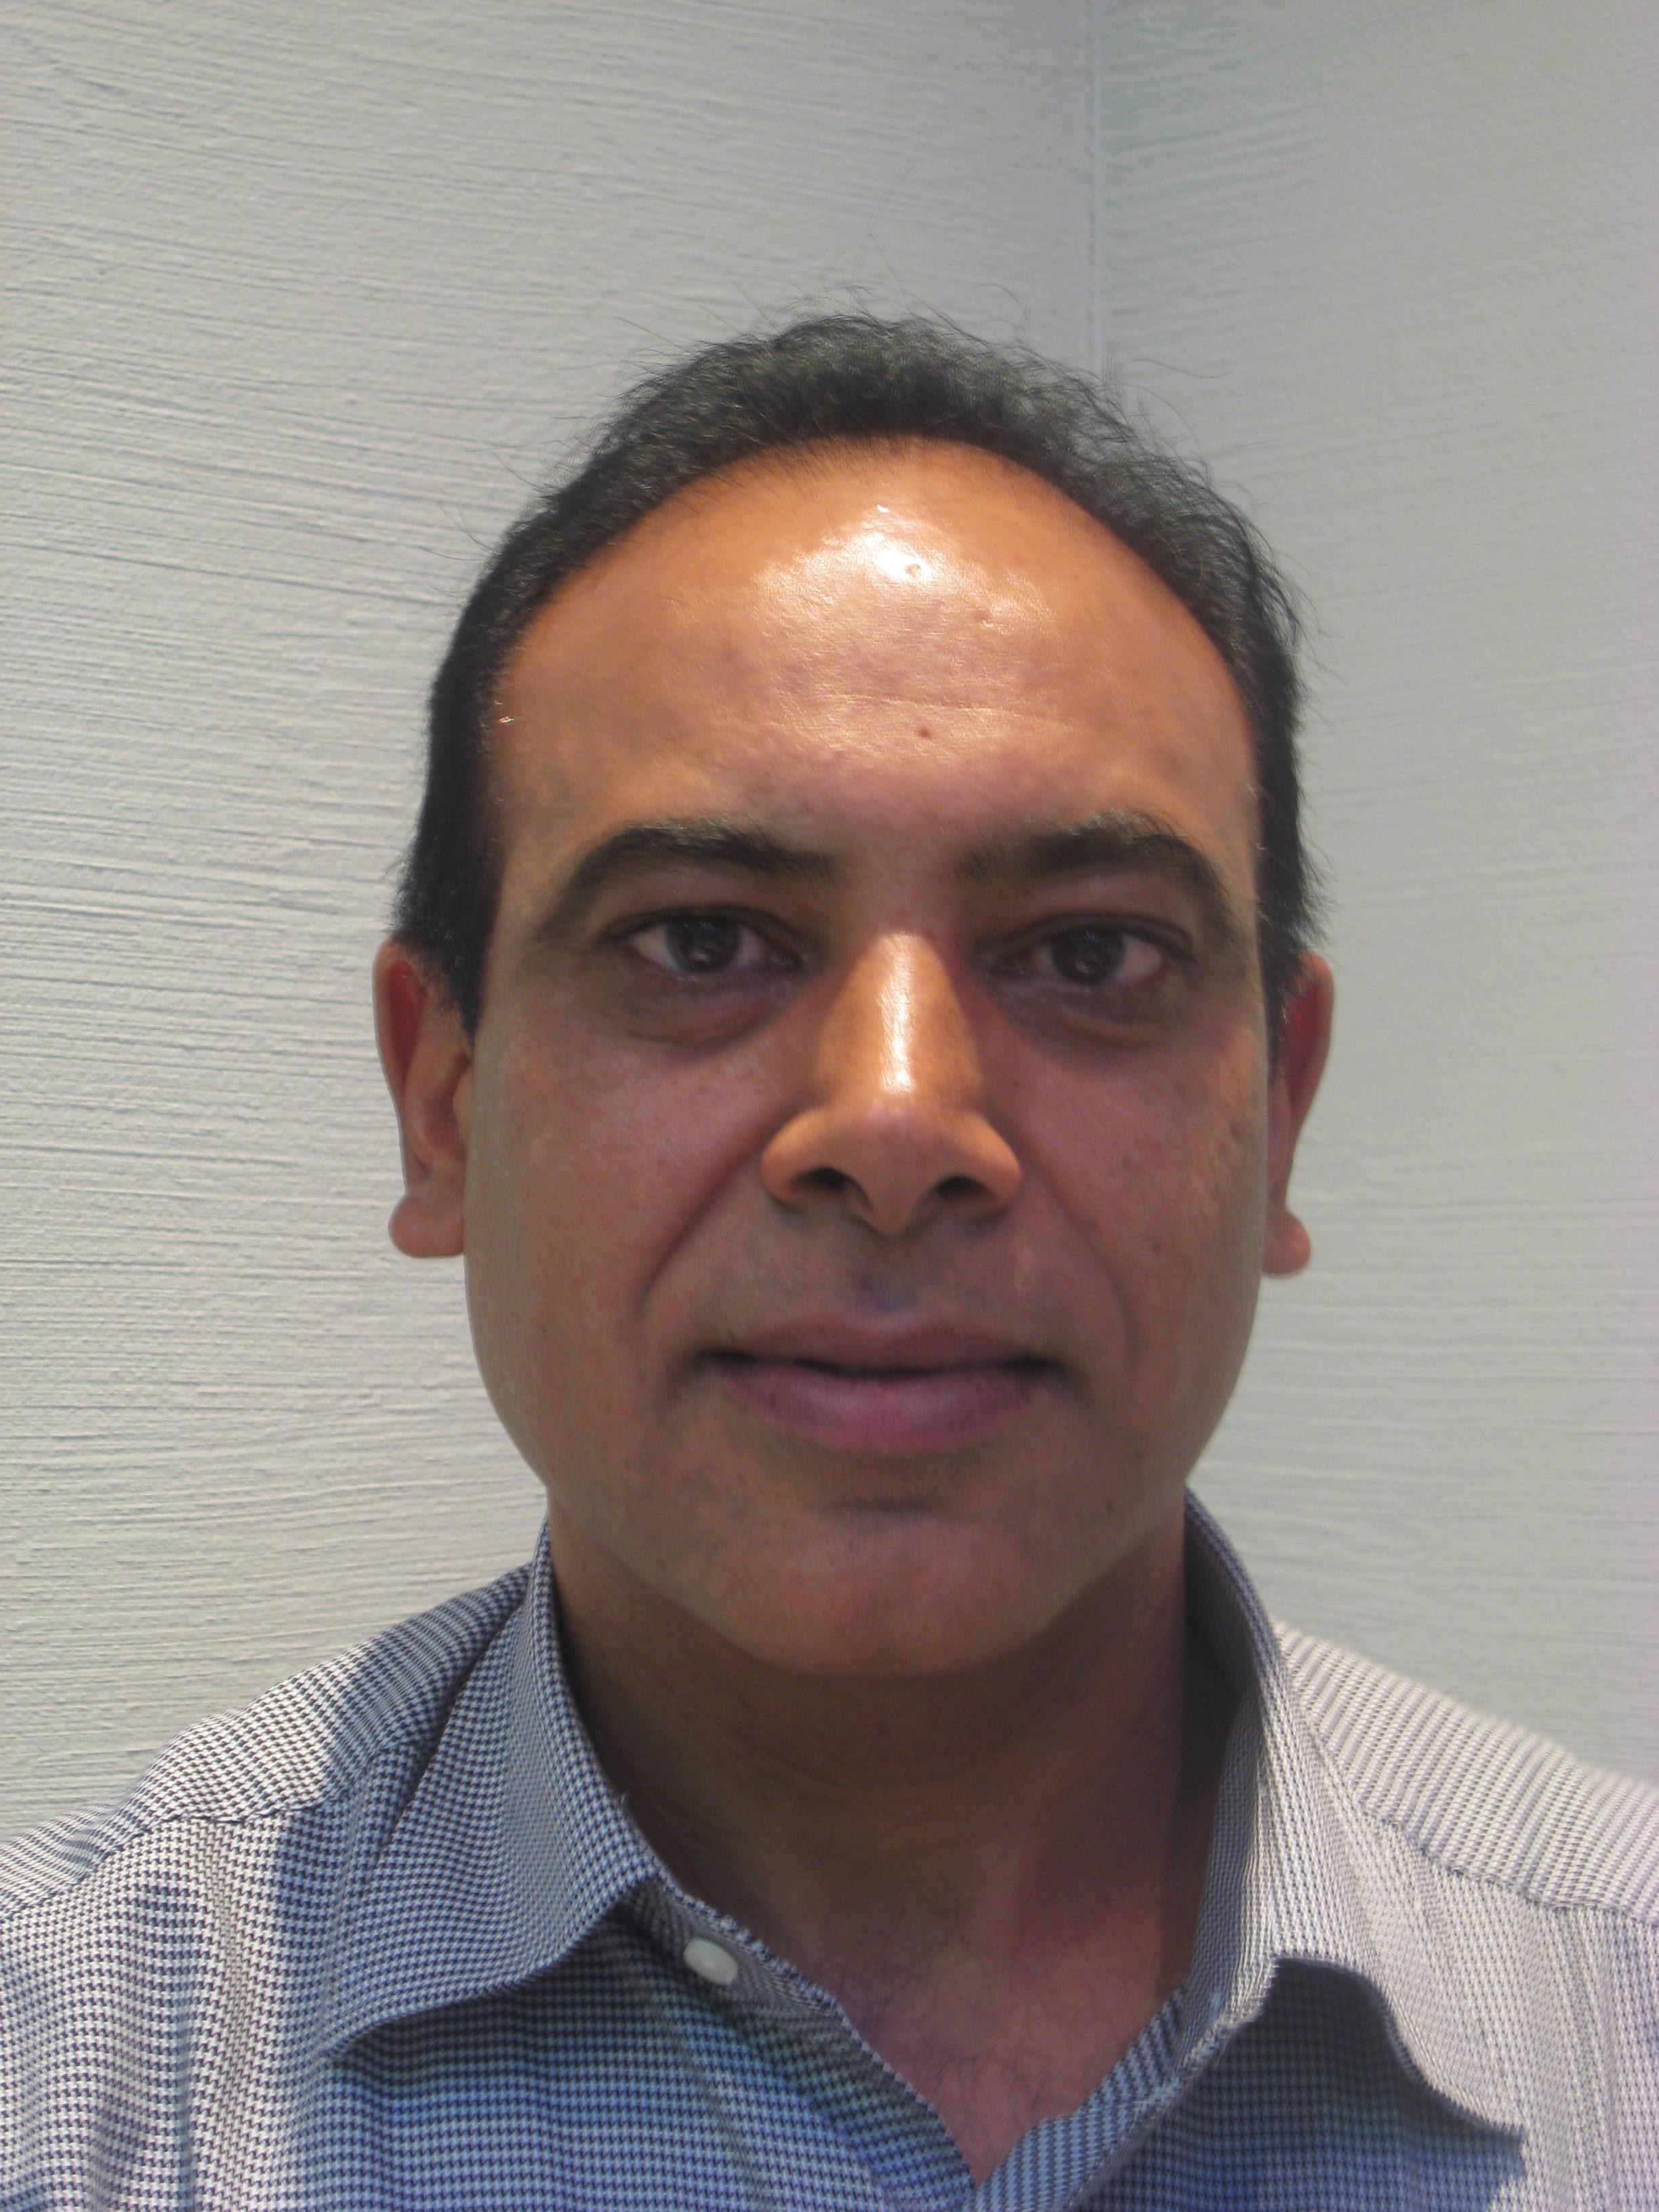 Bhupender-Singh-Virk-1.jpg